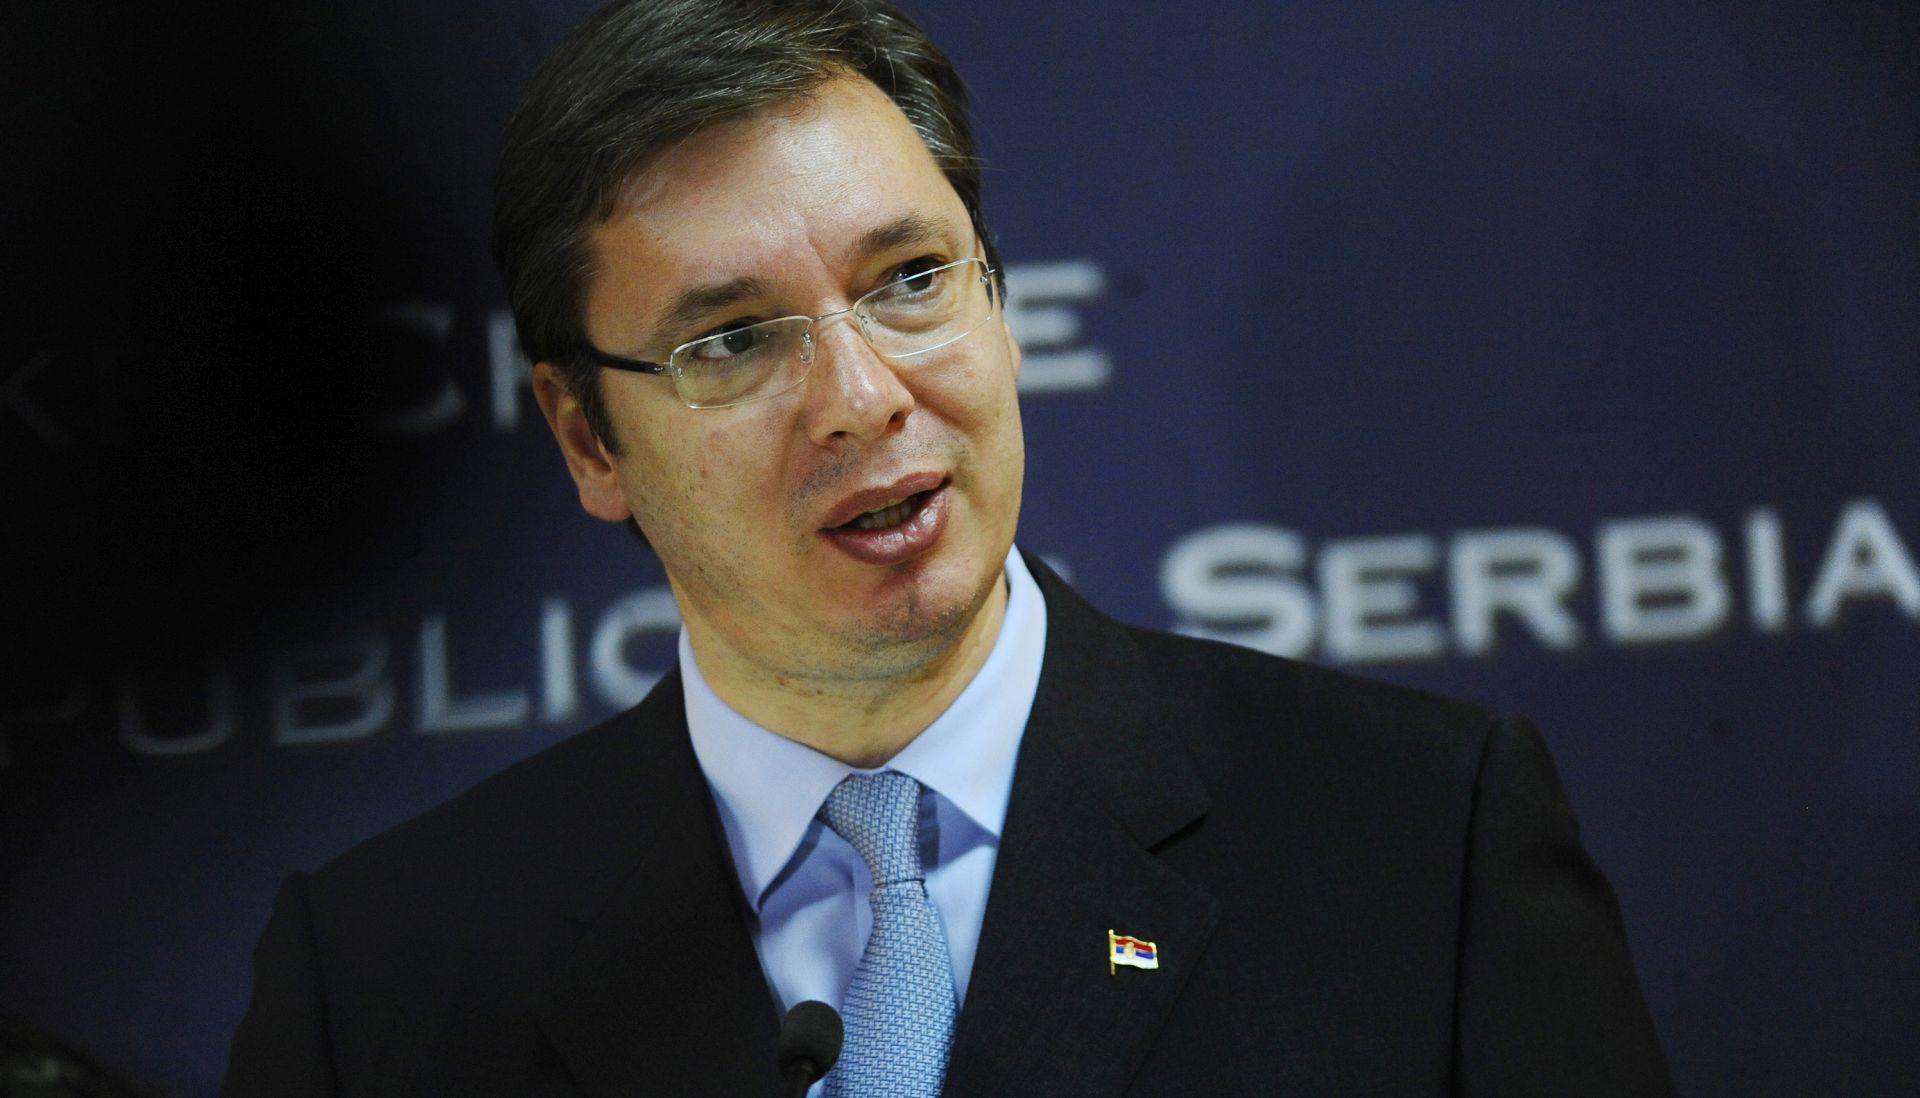 PROŠAO ISPITIVANJE: Srbijanski premijer na poligrafu zbog kampanje u tisku